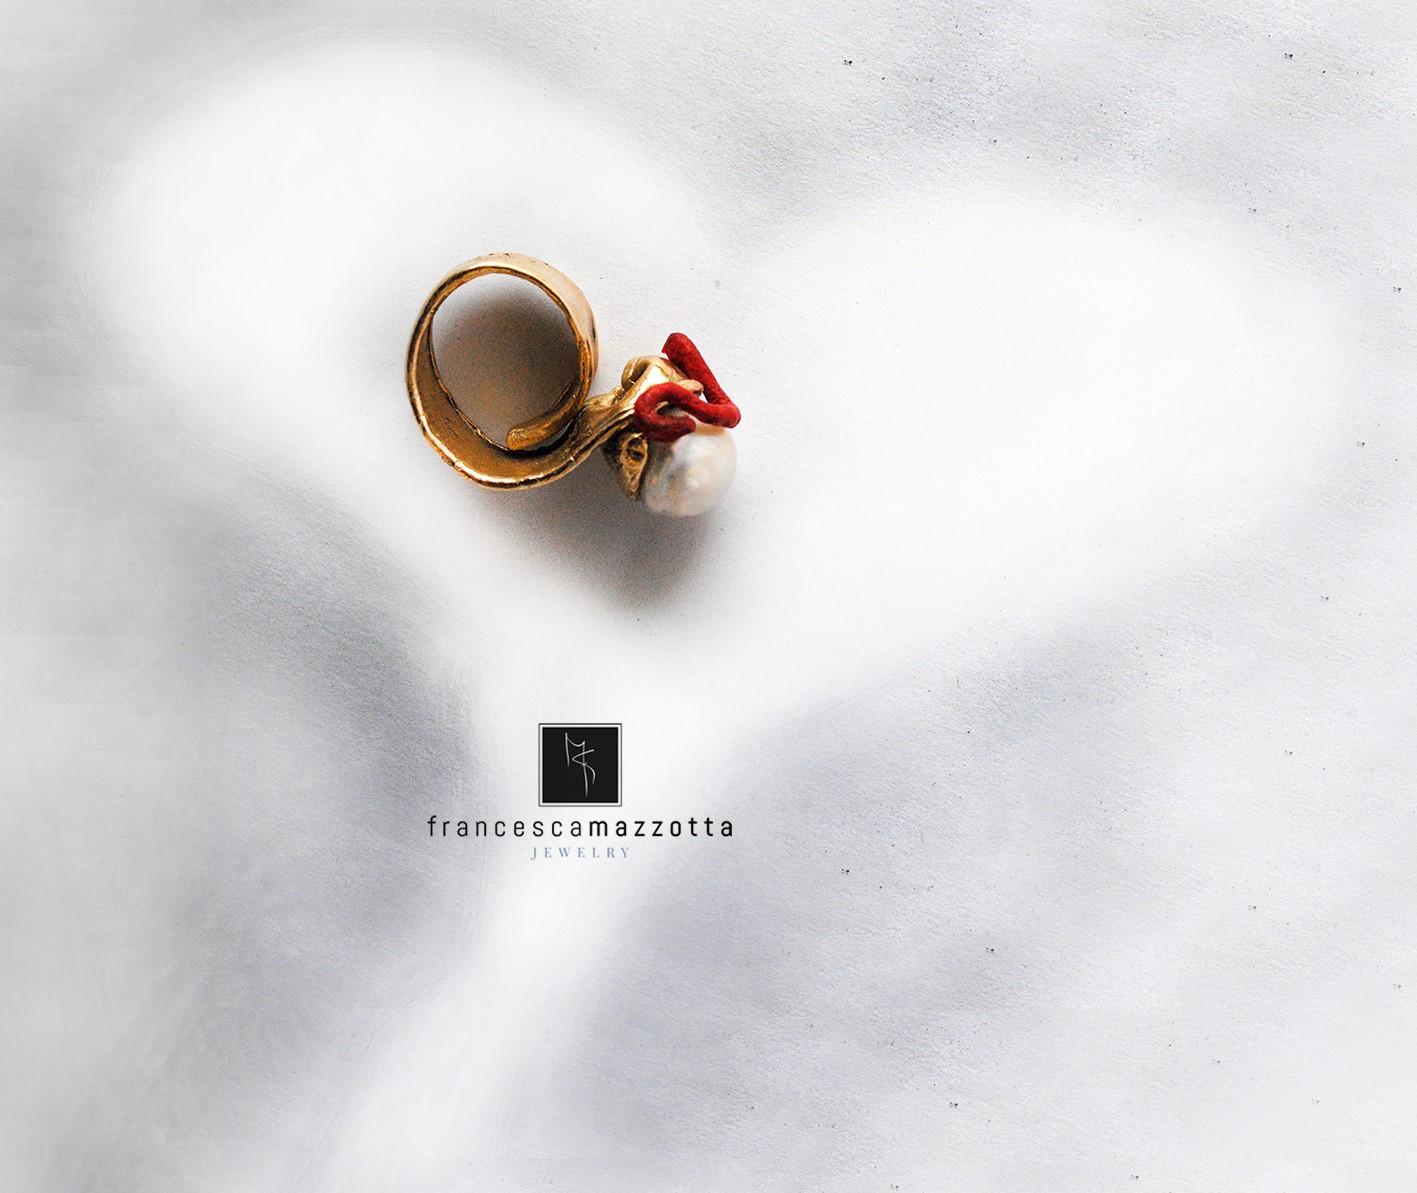 Lace anello - Francesca Mazzotta L'anello fa parte della linea LACE...in fusione di bronzo, carta, perle di fiume